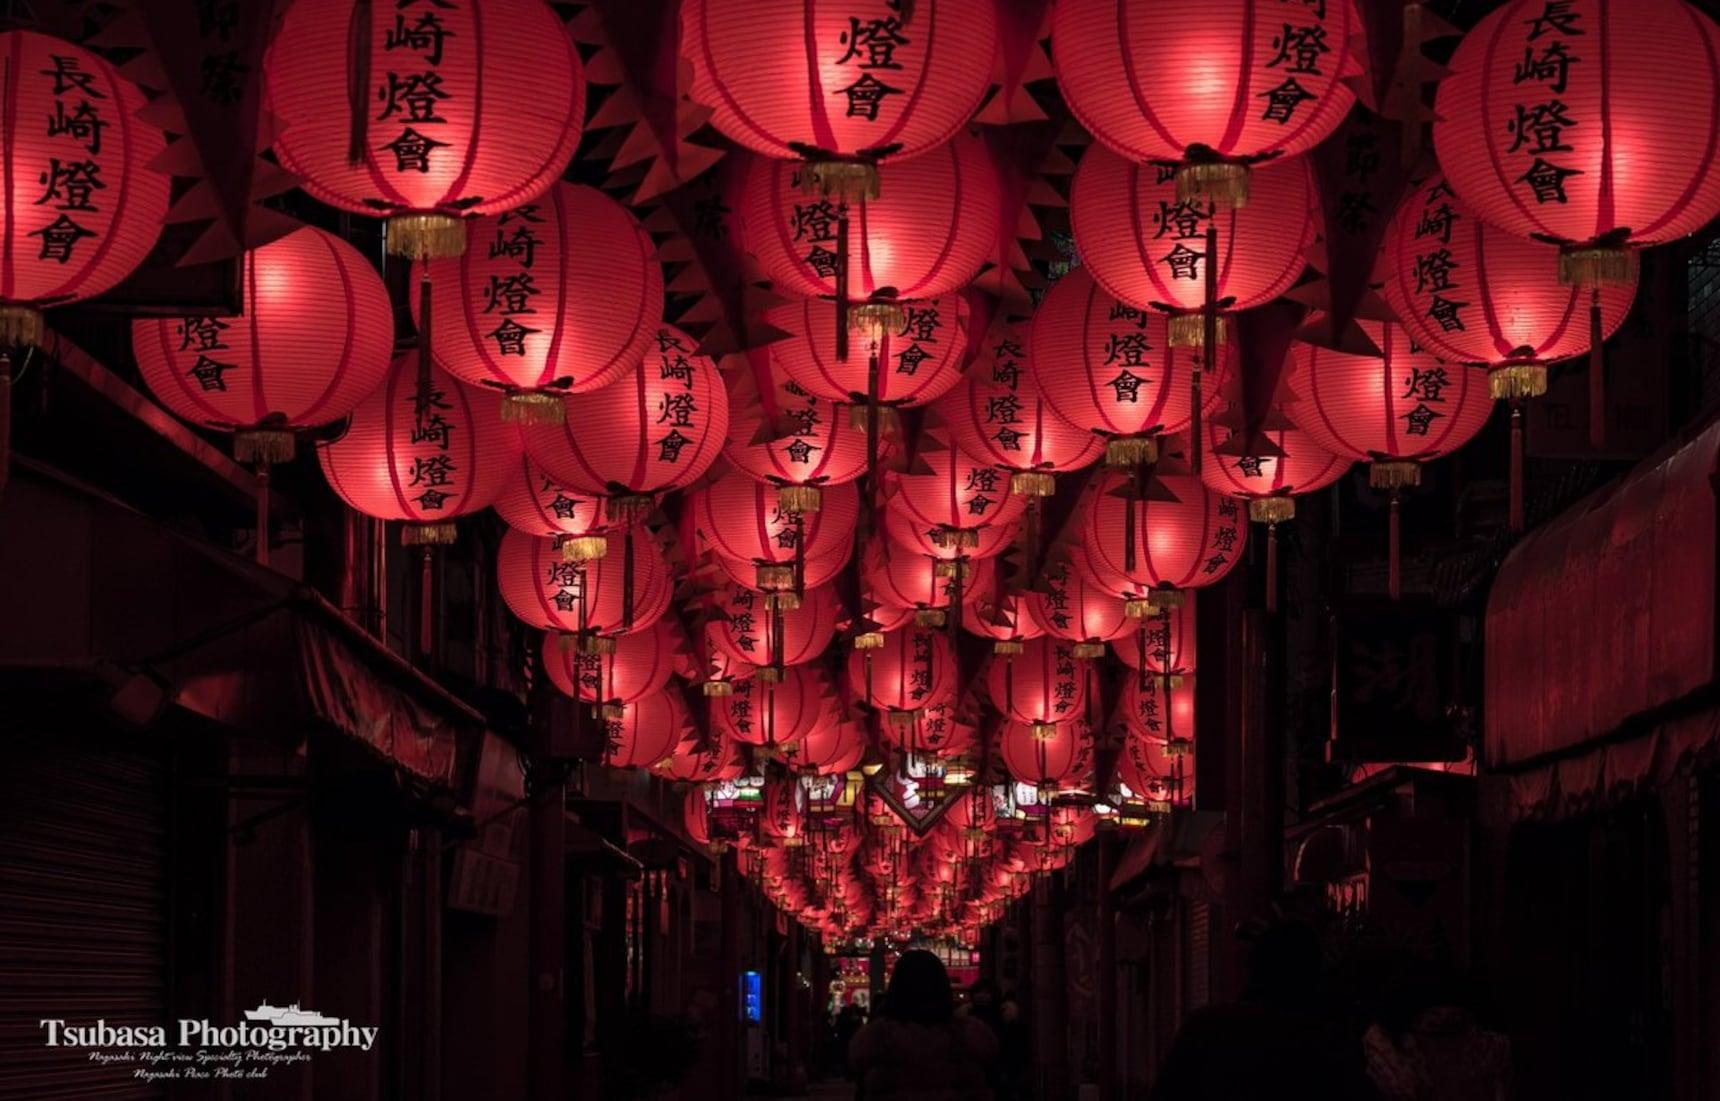 Get 'Spirited Away' at this Nagasaki Festival